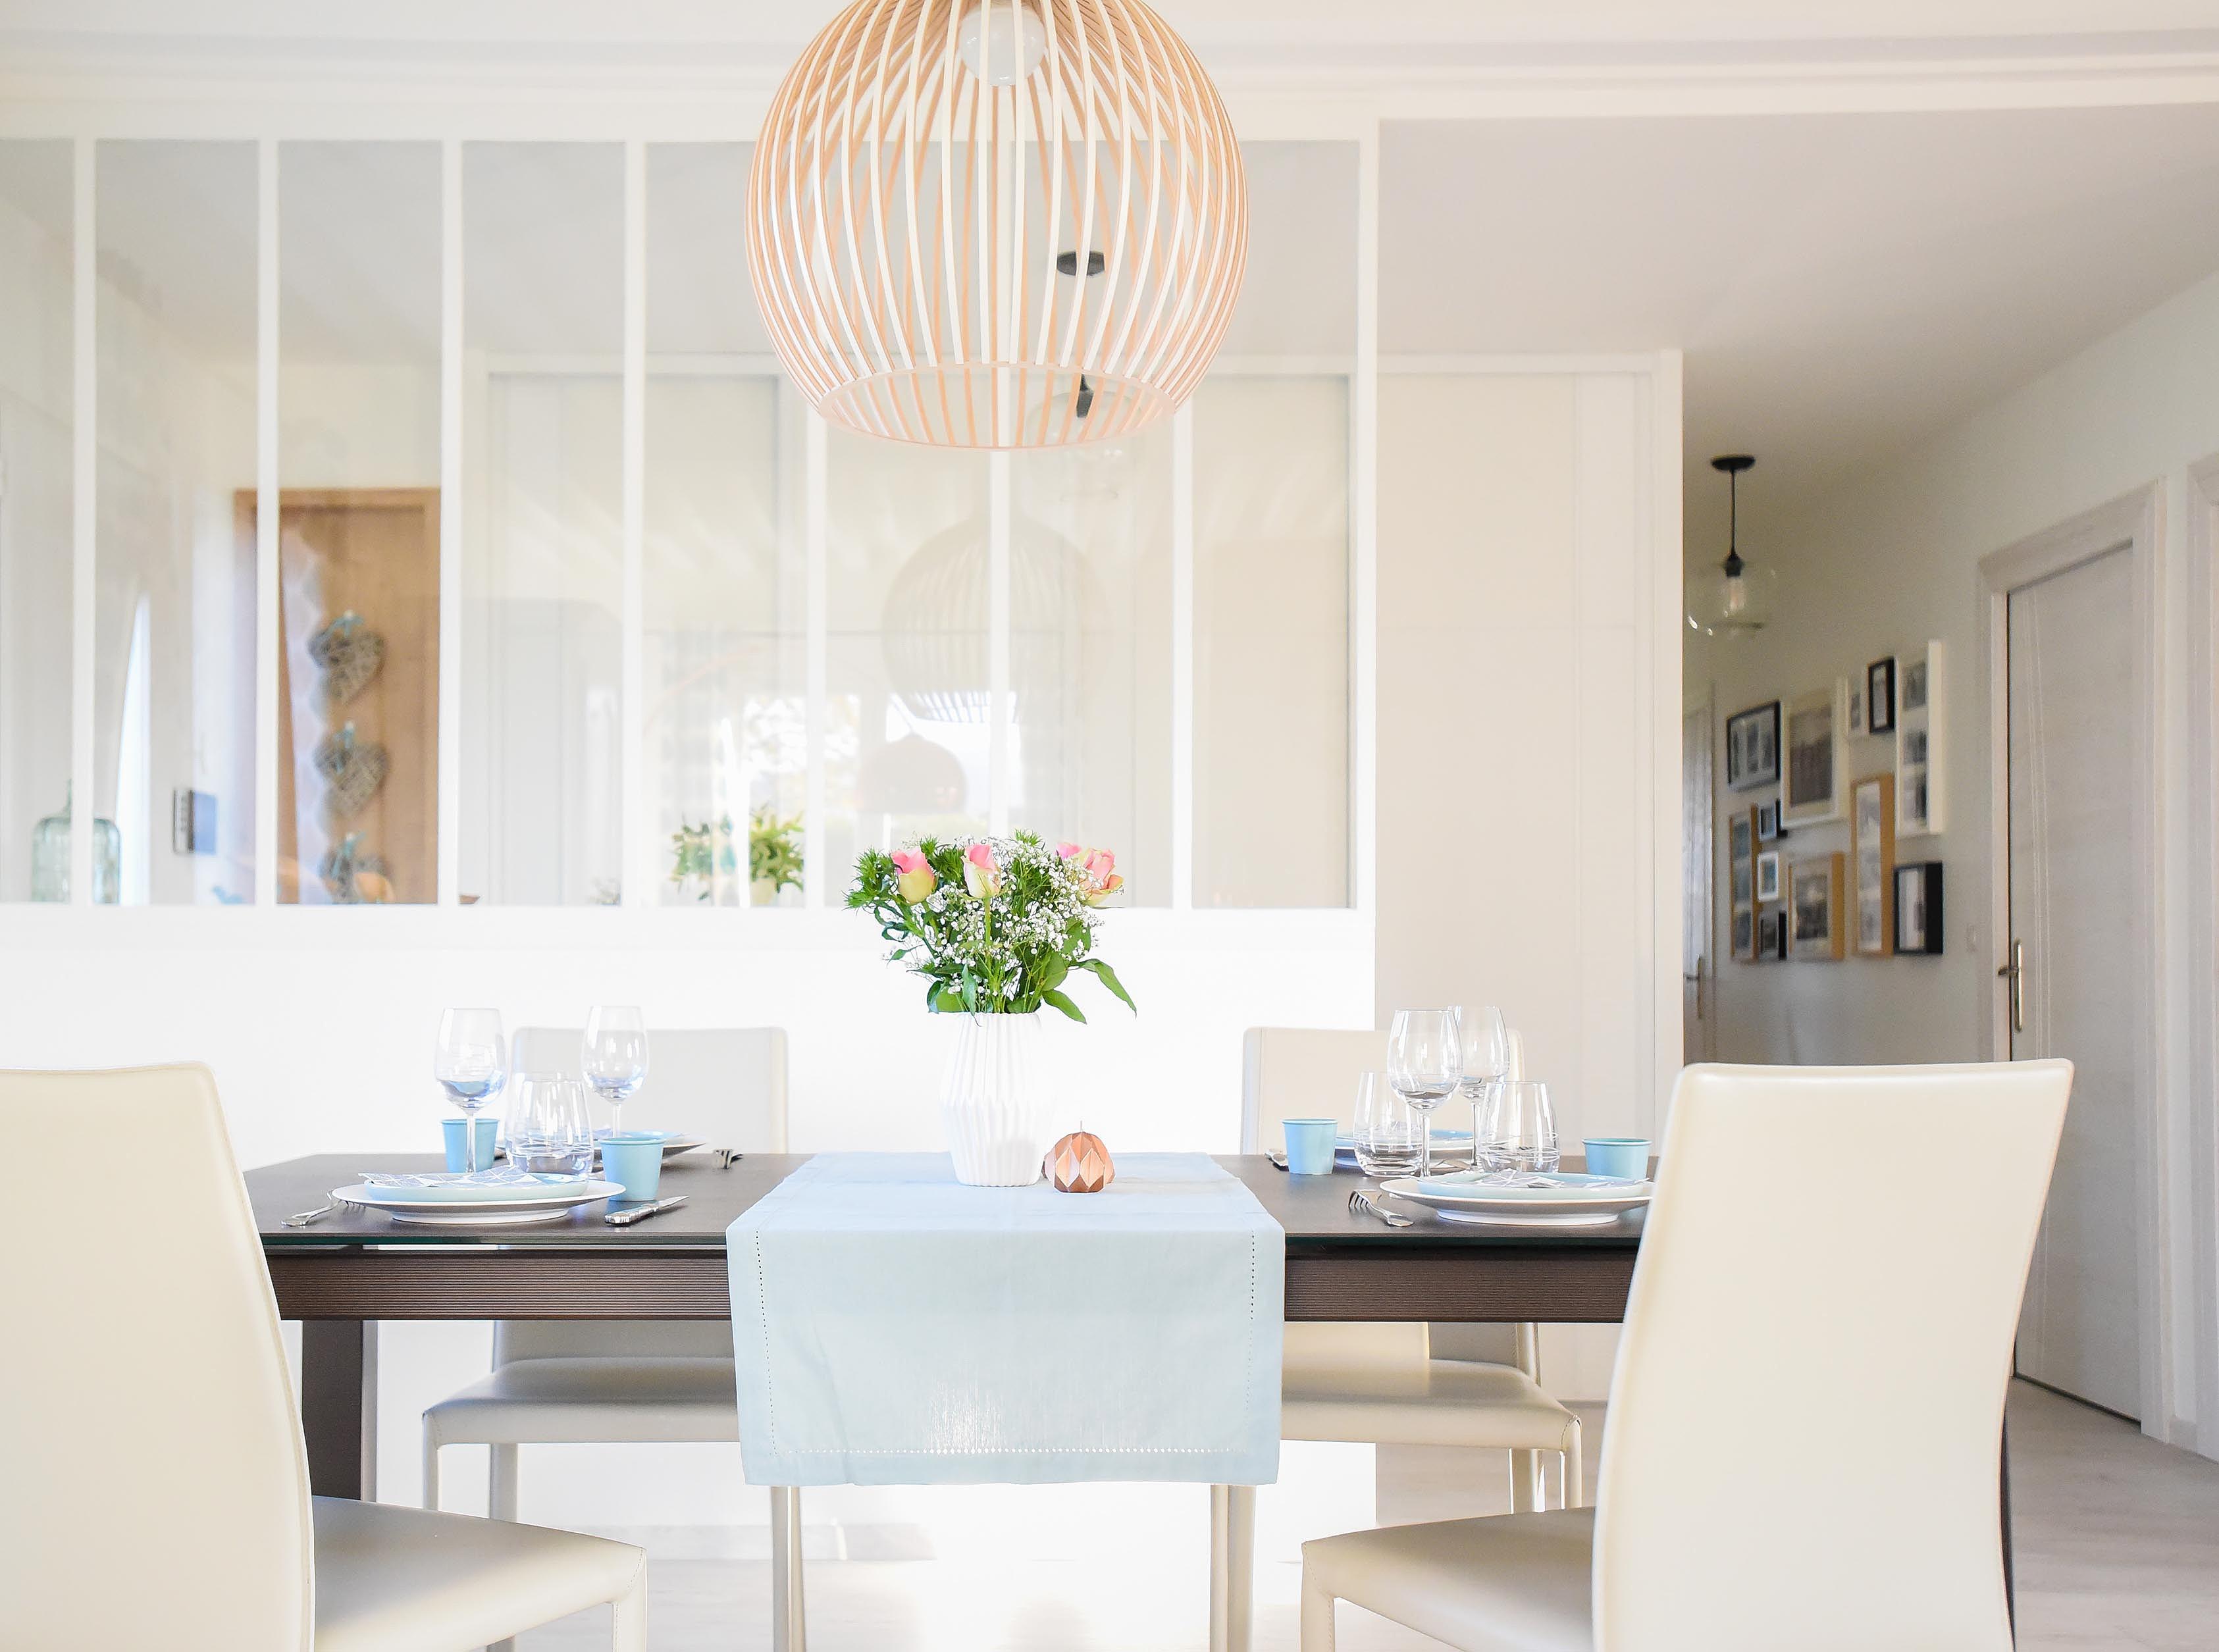 Décoration intérieur lyon, home staging, modélisation 3d, conseil ...